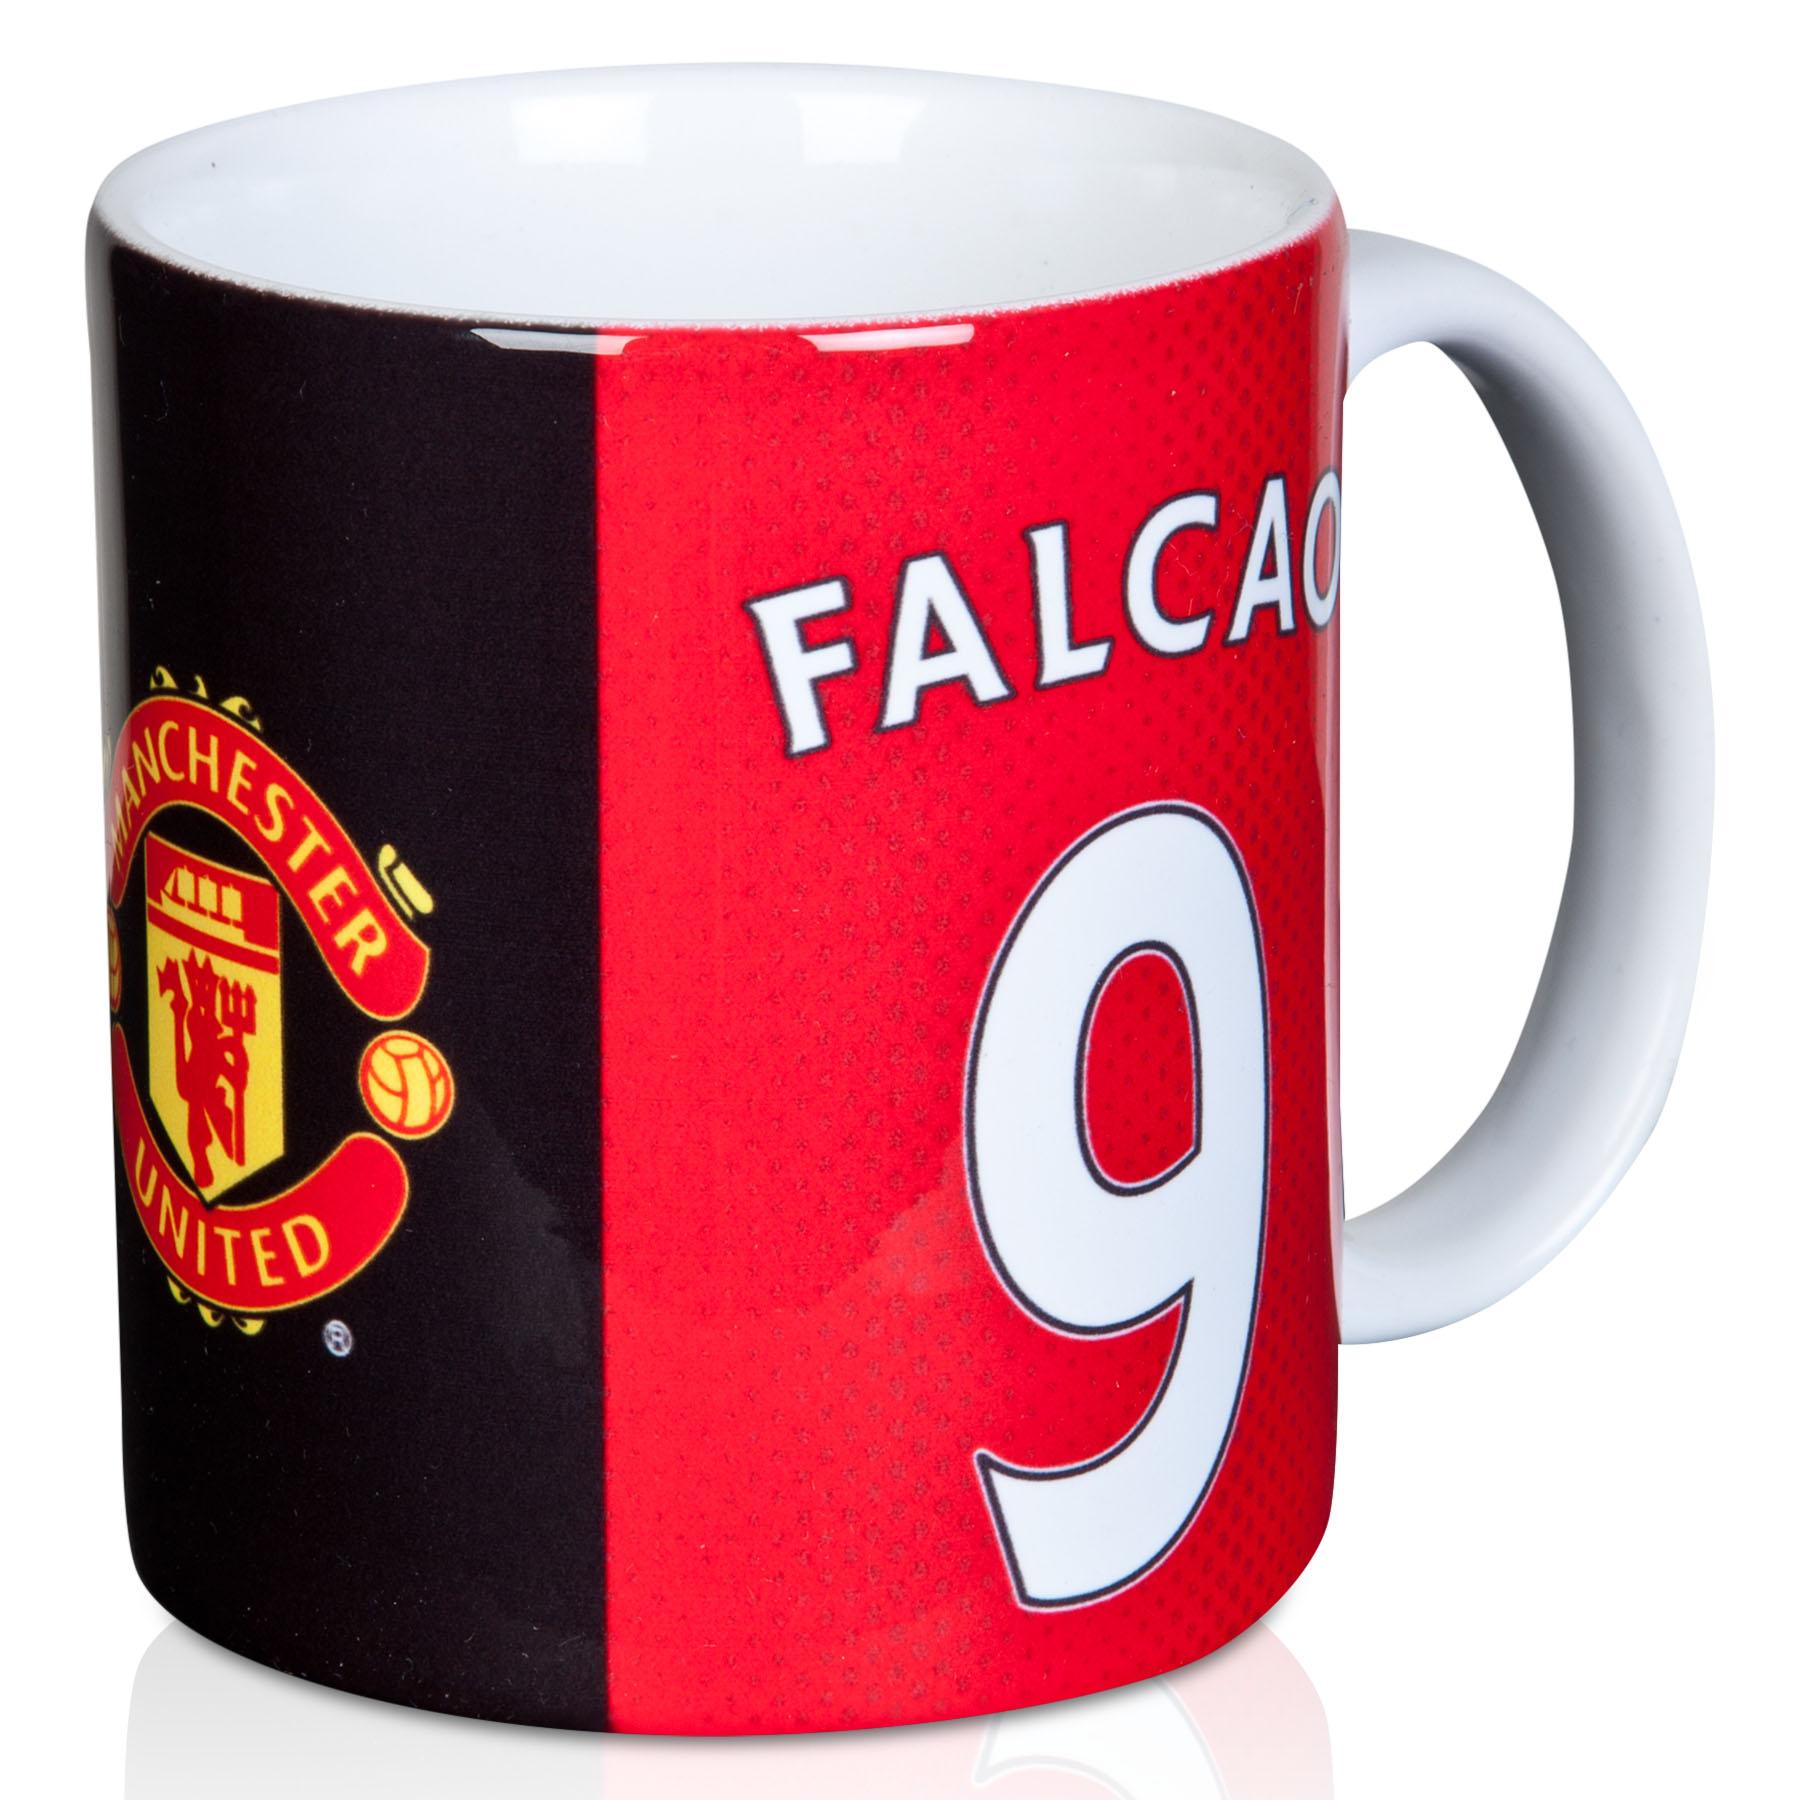 Image of Manchester United Falcao Mug, Red